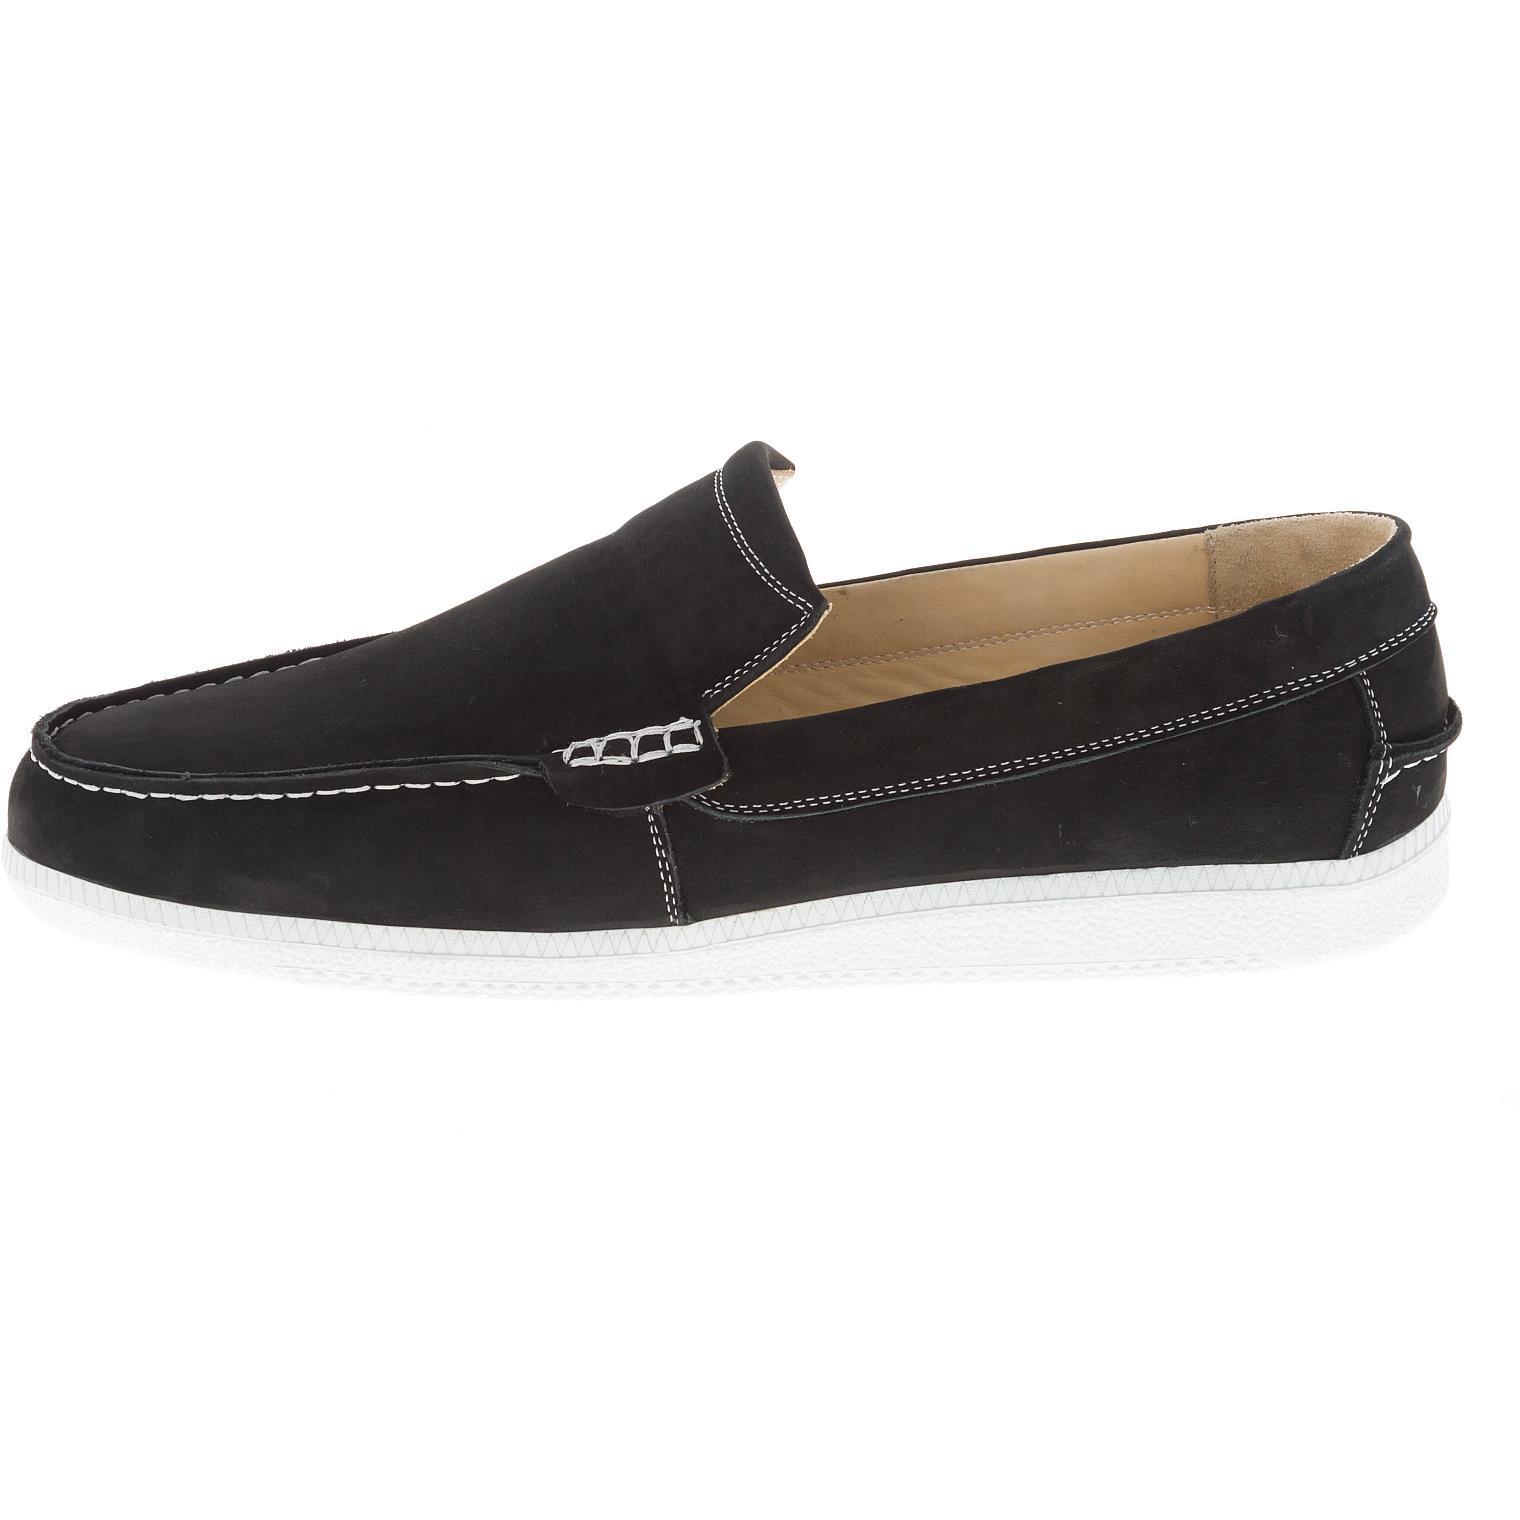 650396 мокасины мужские черные больших размеров марки Делфино